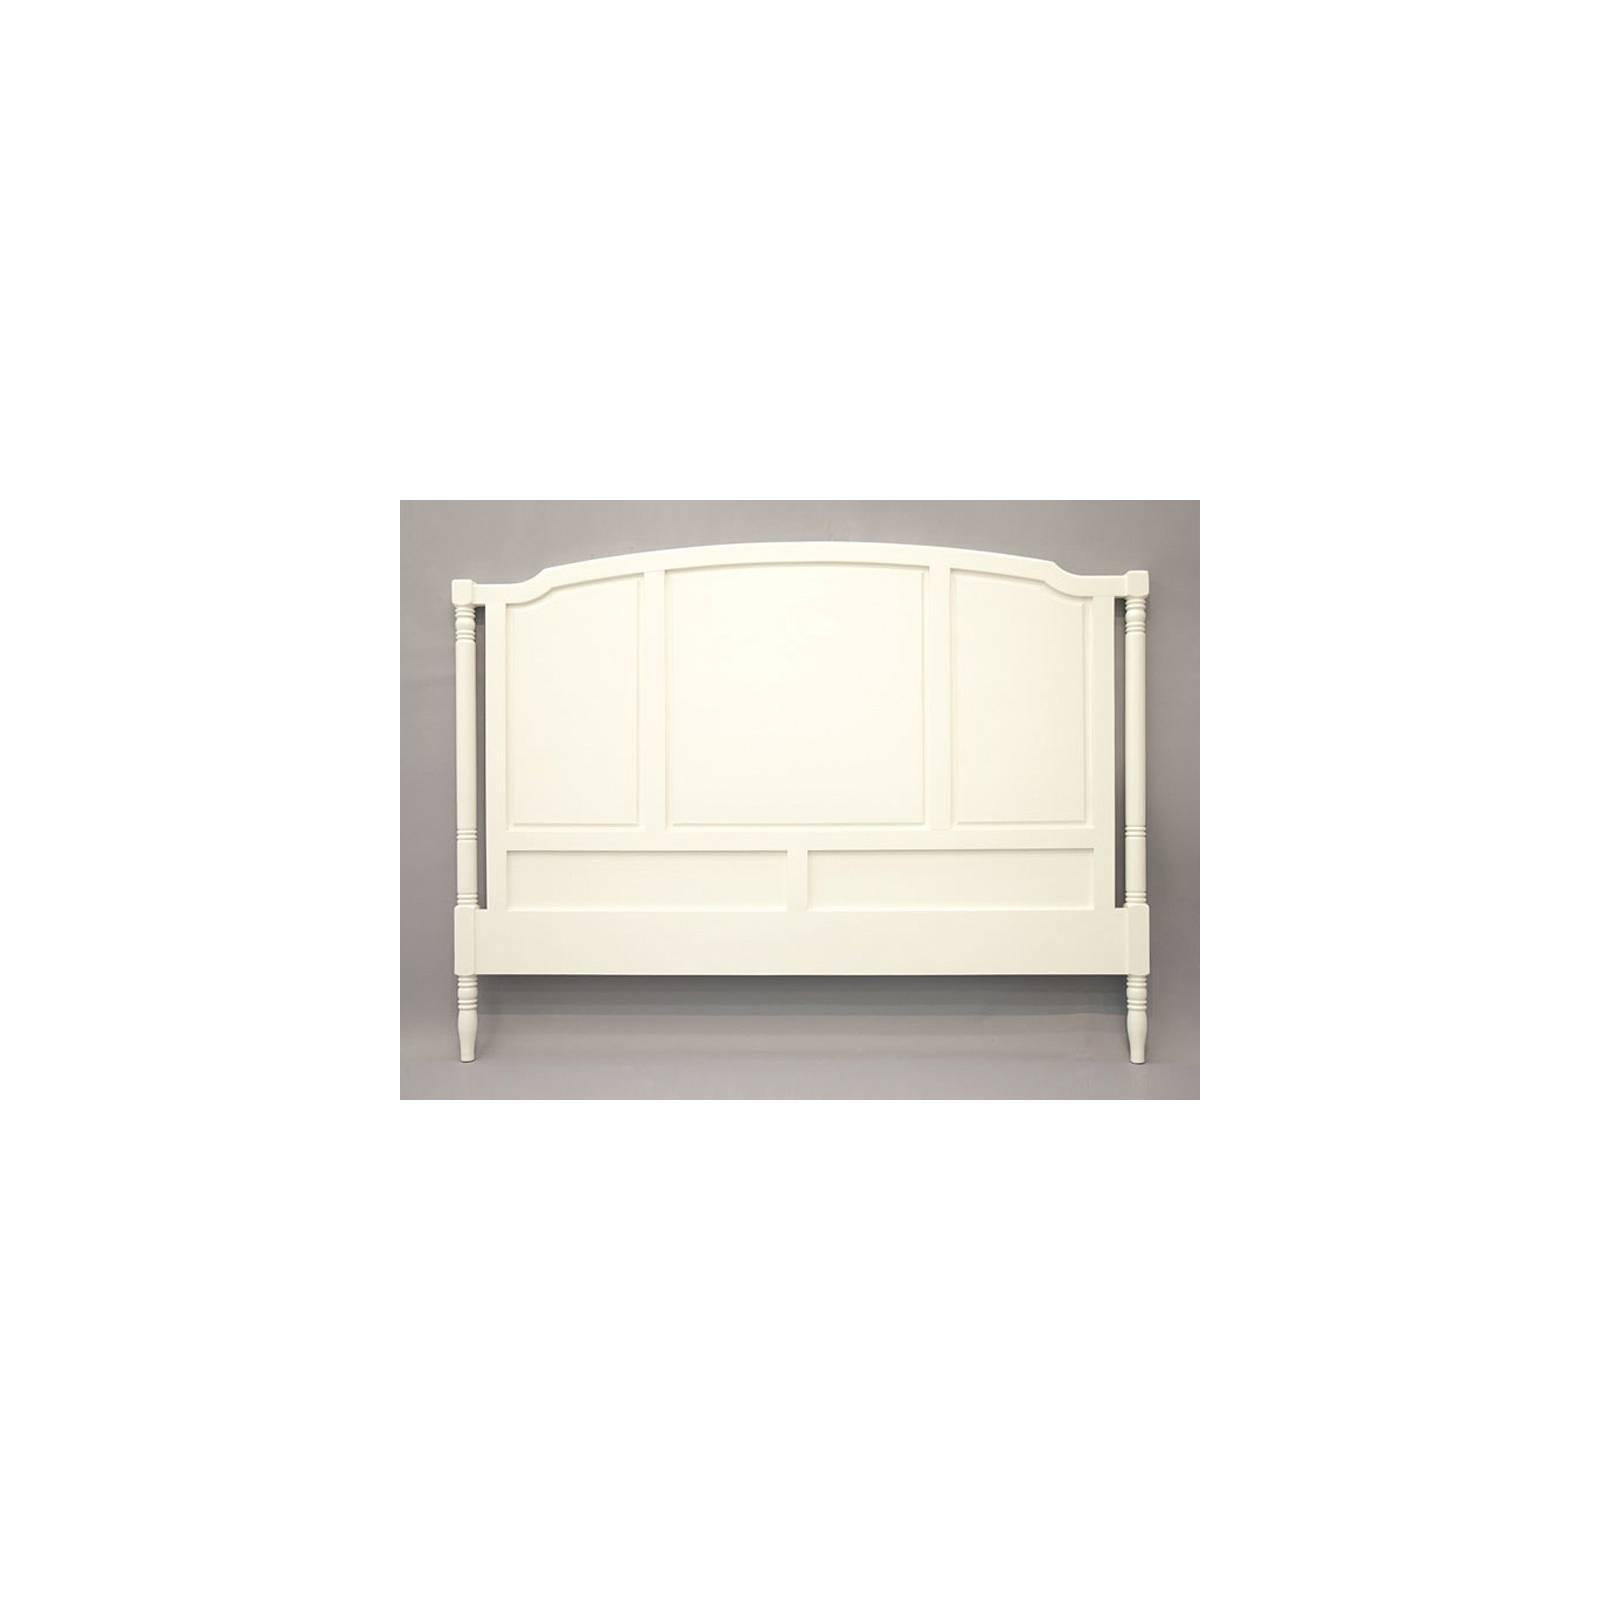 Tête De Lit 160 Charme Hévéa - meuble style classique